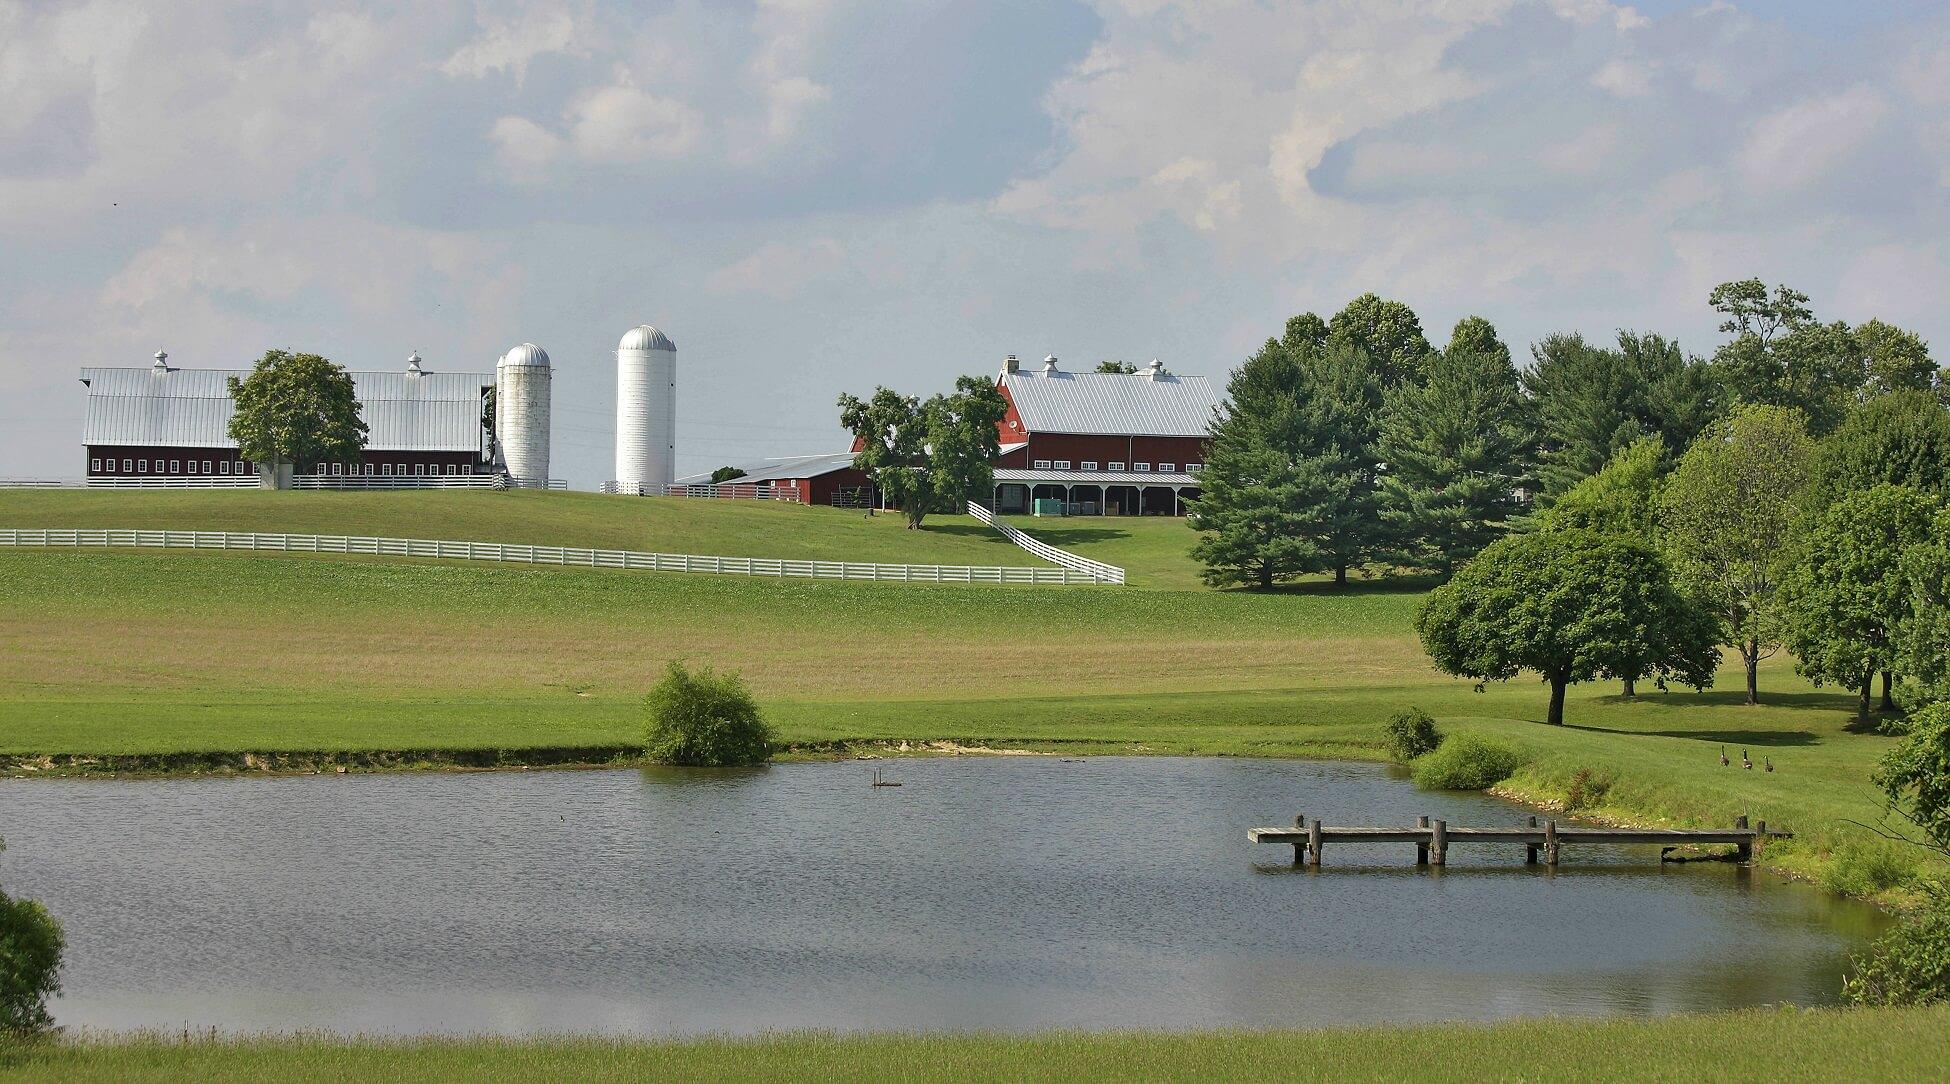 Tusculum Farm